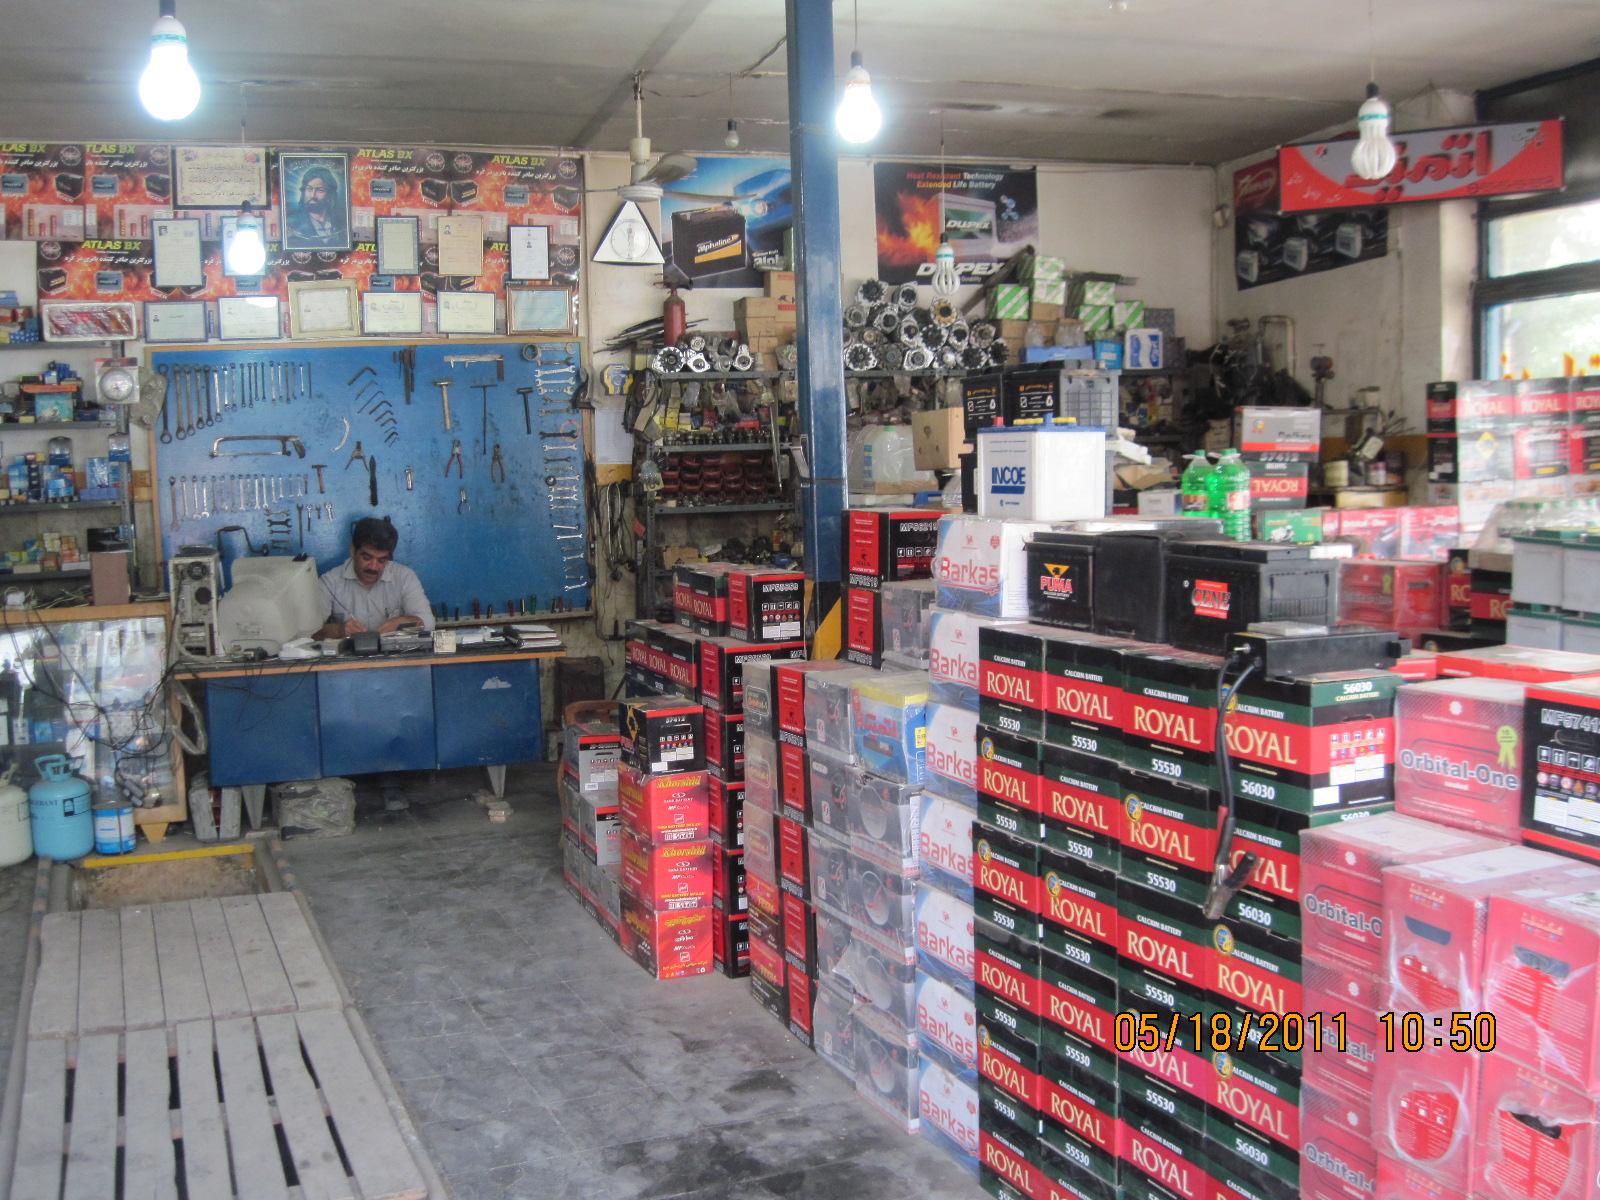 نمایندگی فروش باتری خودرو گوهرشت کرج ( احمد جواد پور مقتدر ), فروشگاه باتری پور مقتدر,فروش باتری در گوهردشت  کرج